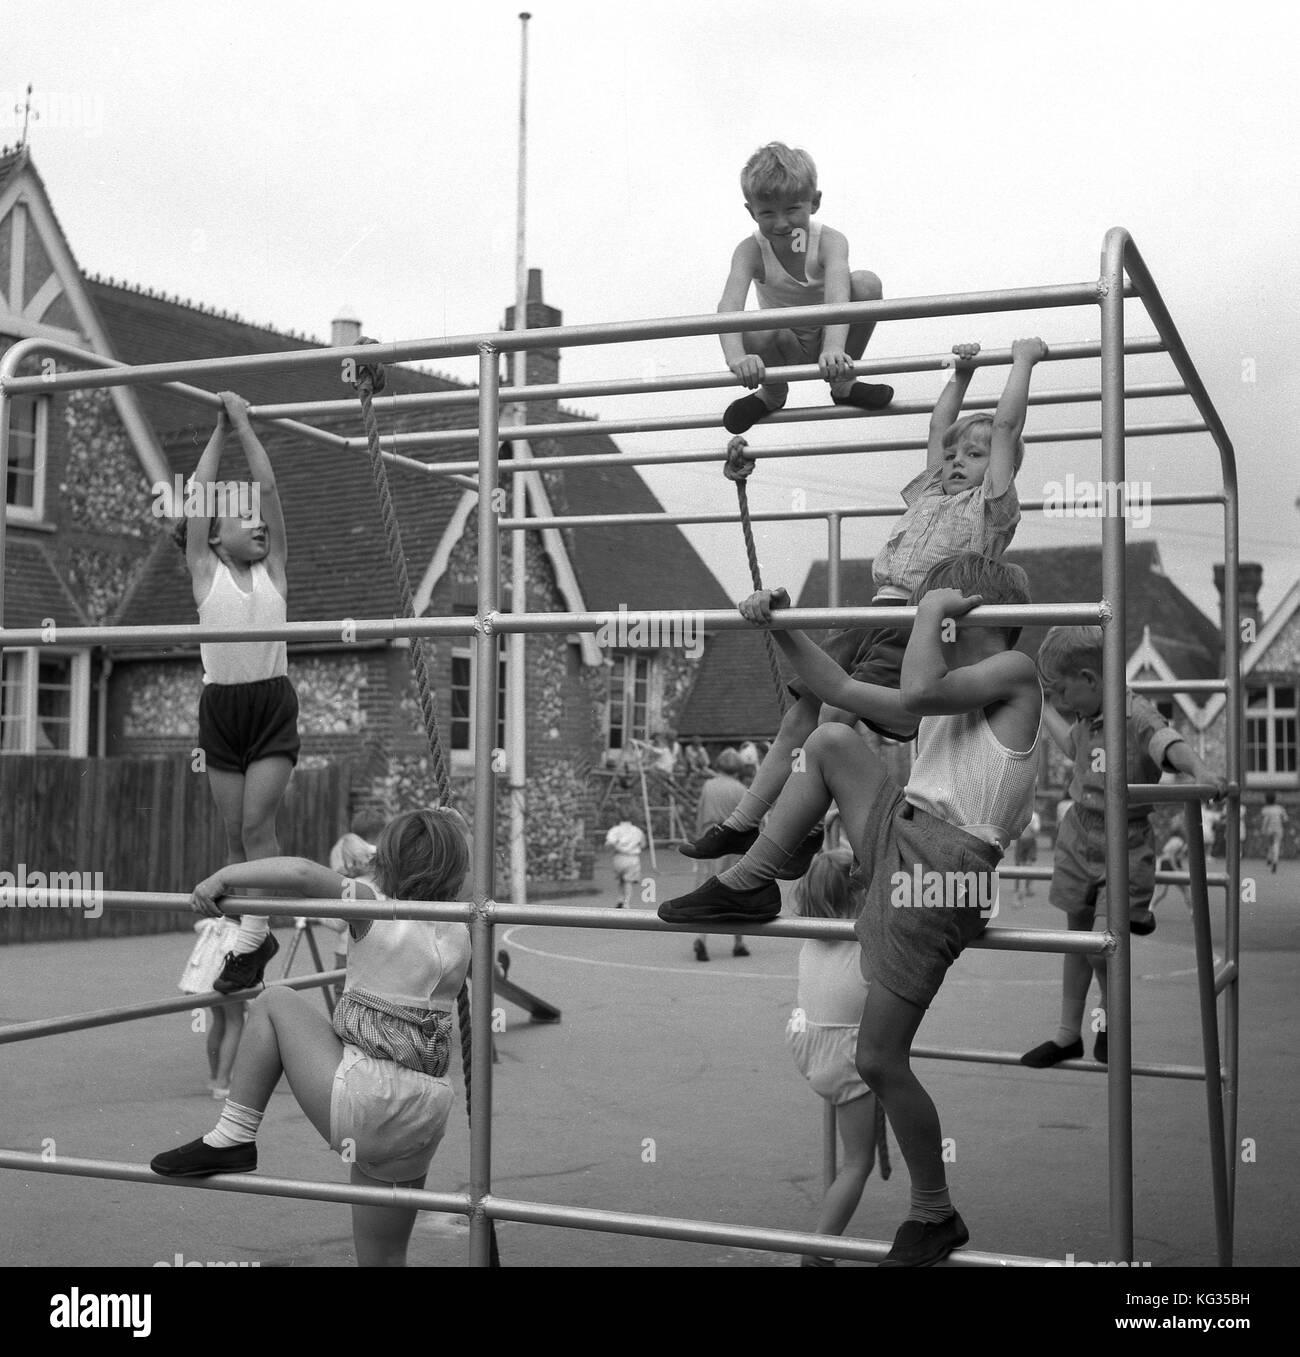 1950, Inglaterra, guardería de niños y niñas juegan en el exterior ...